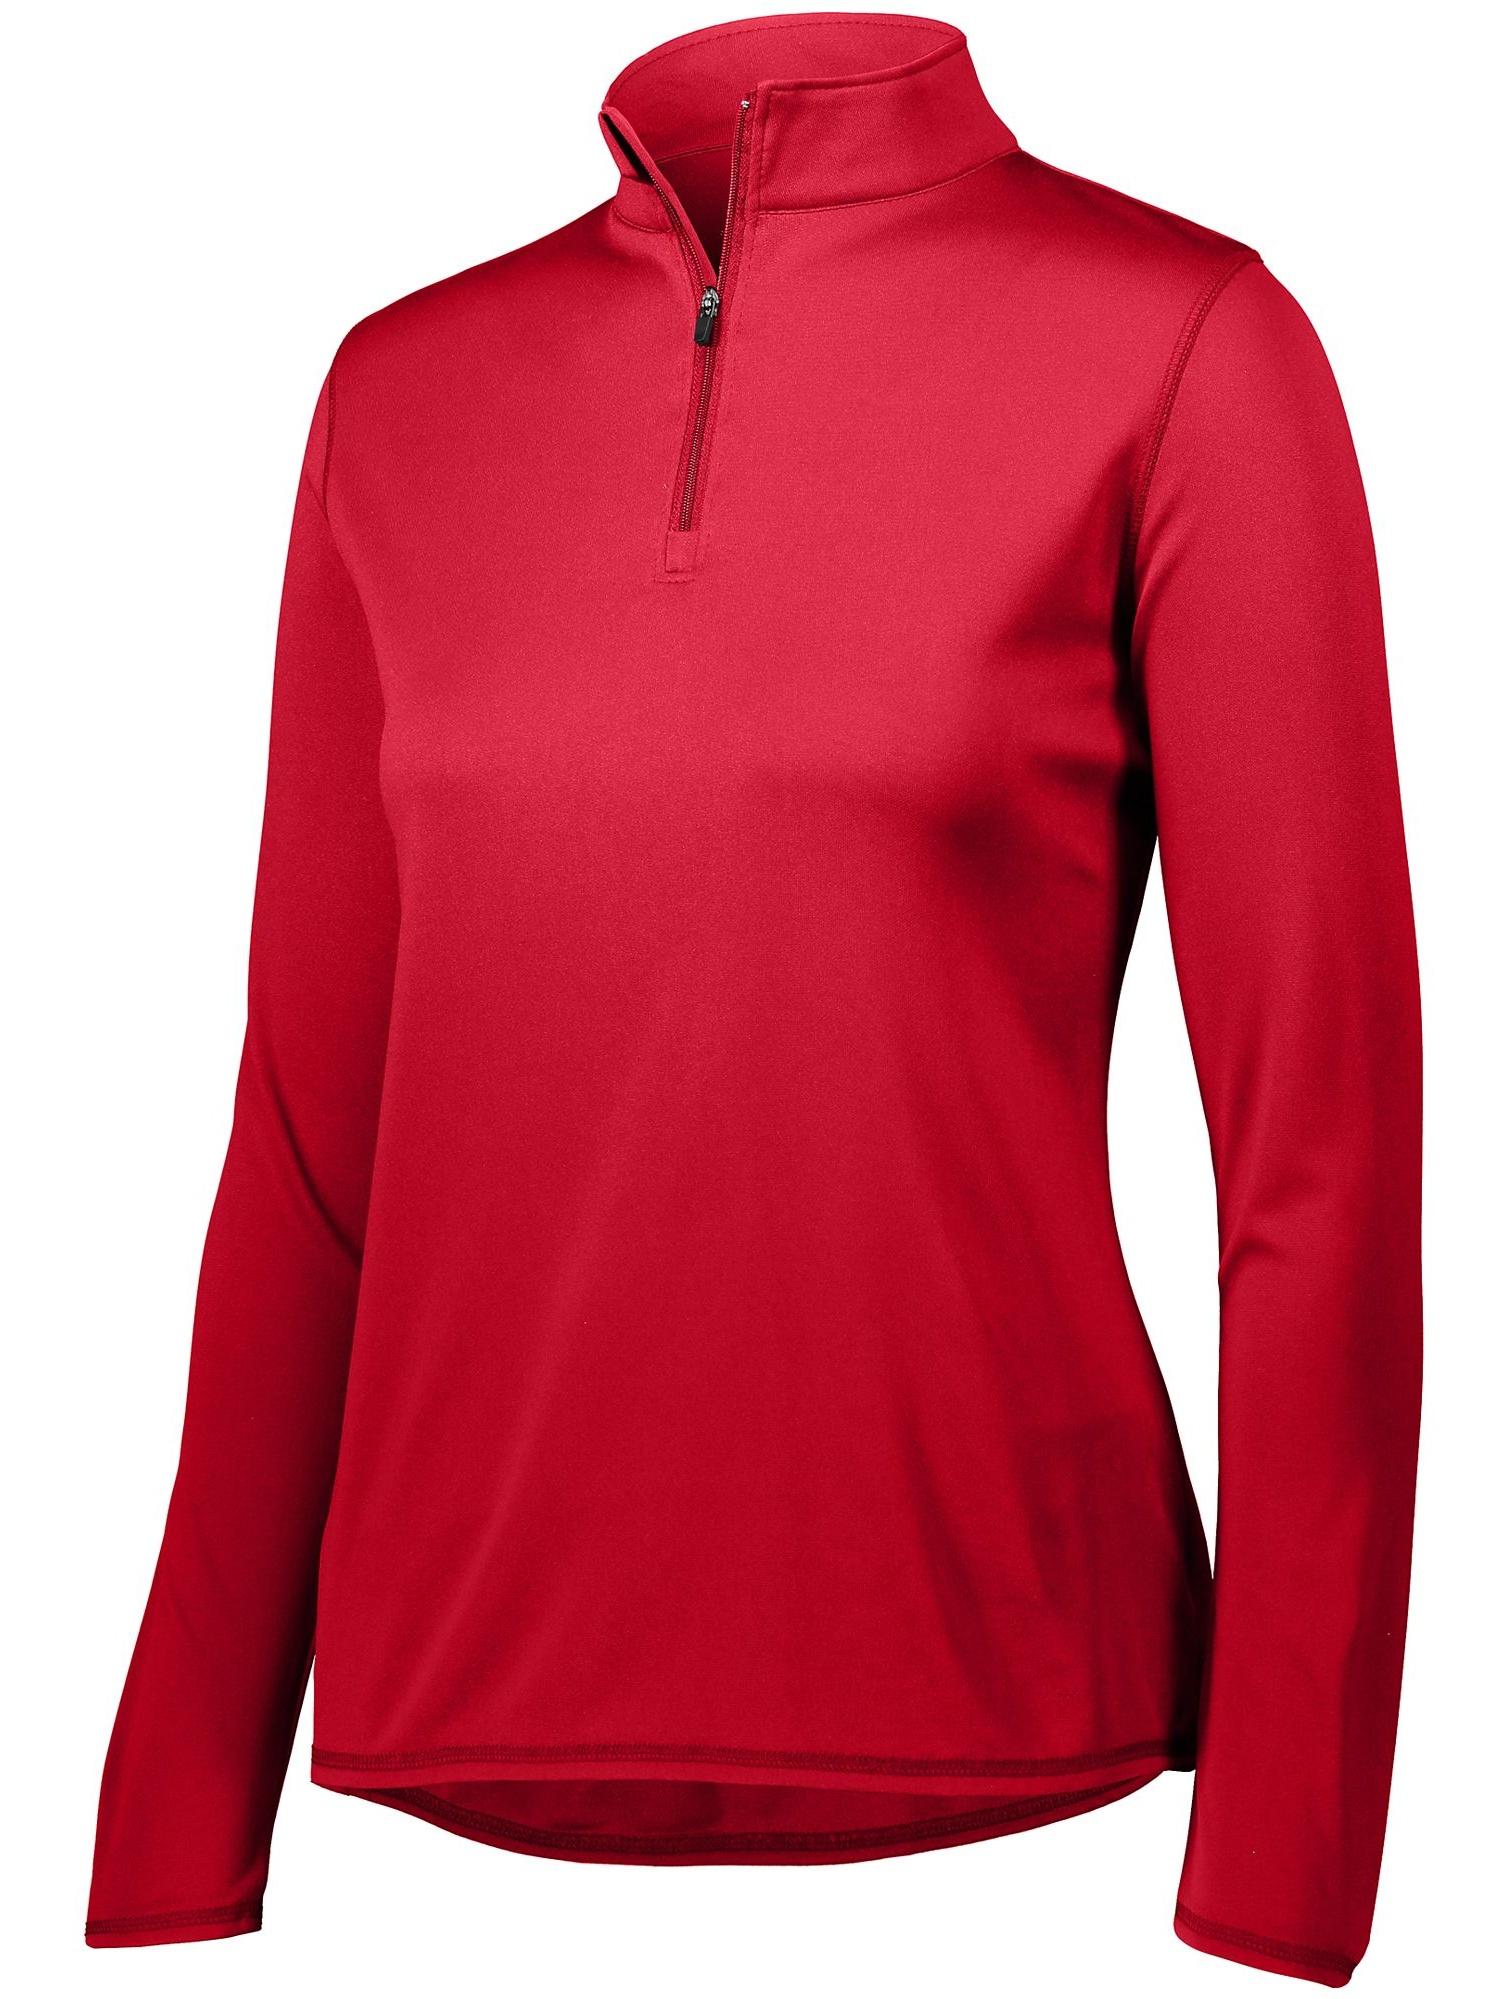 Augusta Sportswear Women's Attain 1 4 Zip Pullover 2787 by Augusta Drop Ship